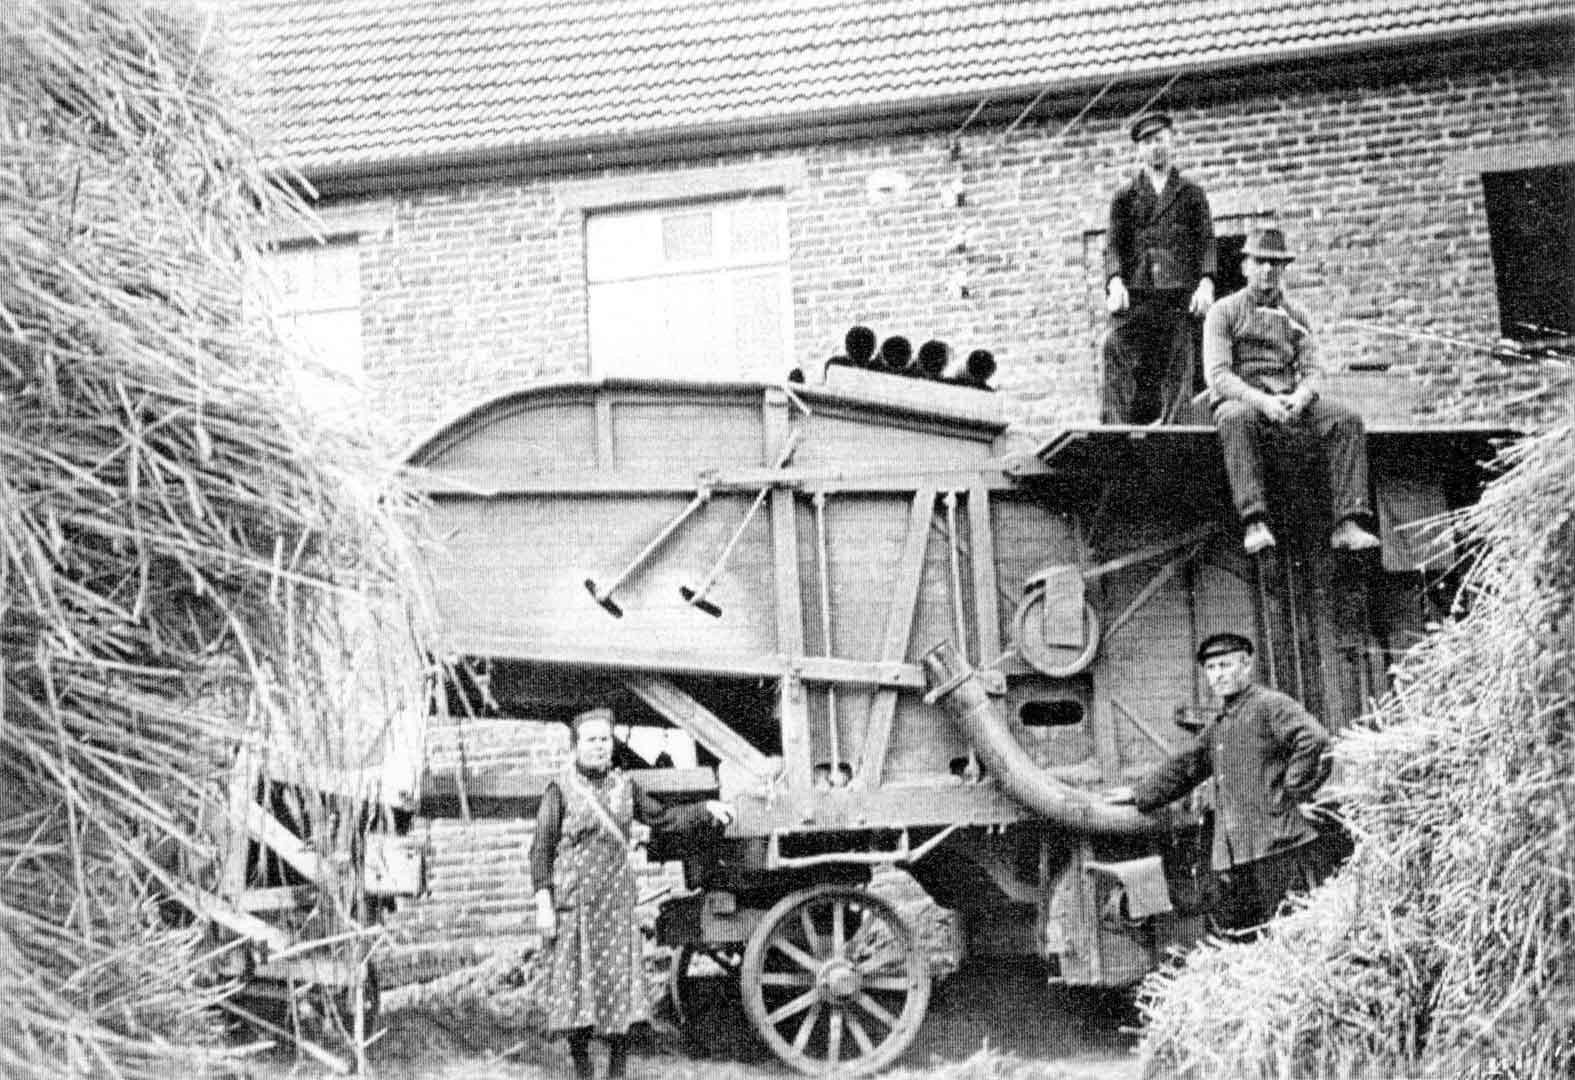 Die Arbeit ist getan - Der schwere Dreschkasten vor dem Haus Pankoke in Waldhausen ist bereit, zum nächsten Einsatz gefahren zu werden. Die Rohre für das Kaffgebläse sind für den Transport gut befestigt. Den Leuten ist die Erleichterung nach getaner schwerer Arbeit anzusehen. Wir erkennen auf diesem Bild um 1950 Hubert Pankoke mit seiner Frau Bernhardine und Wilhelm Eickhoff auf der Maschine.